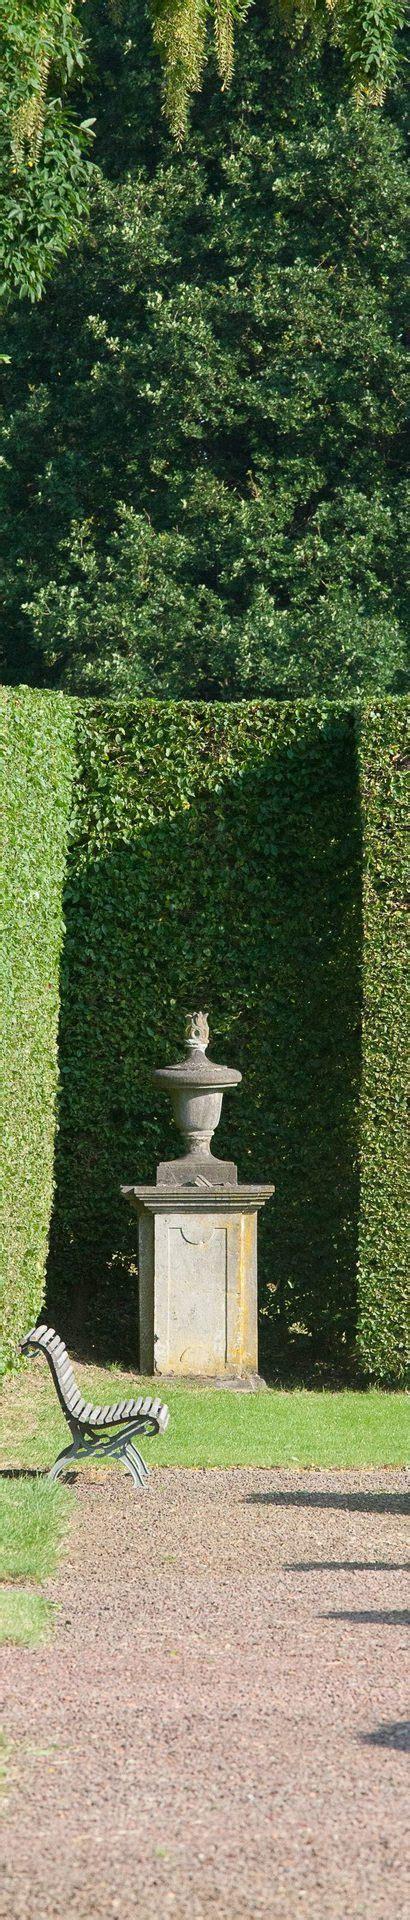 tuinen van hex contact de tuinen van kasteel hex